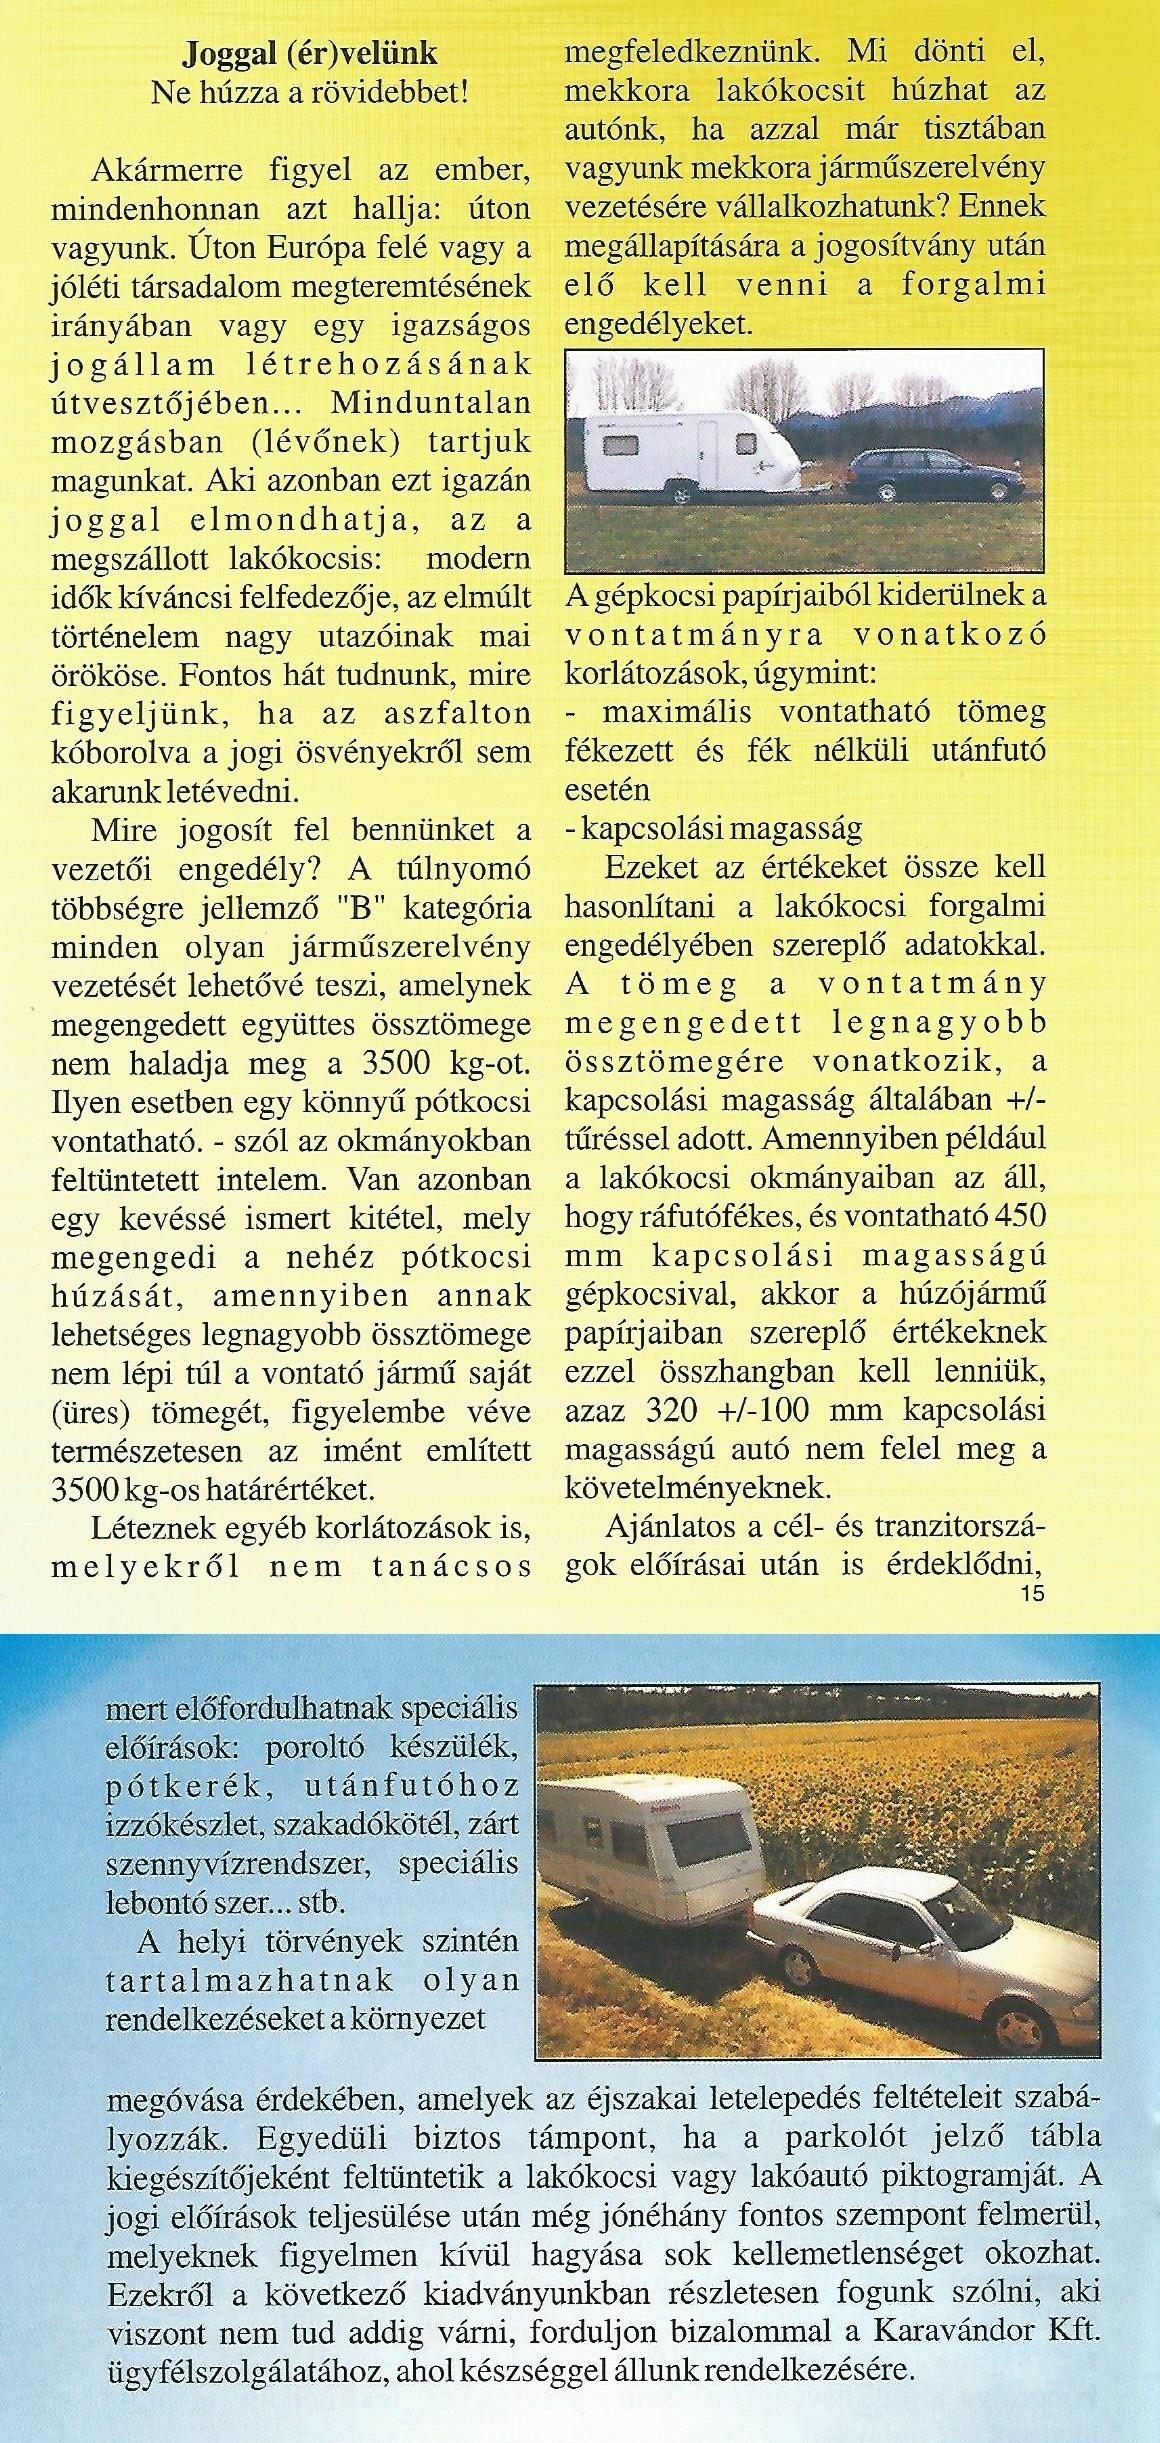 Karavándor magazin 2000 1. szám, Joggal (ér)velünk